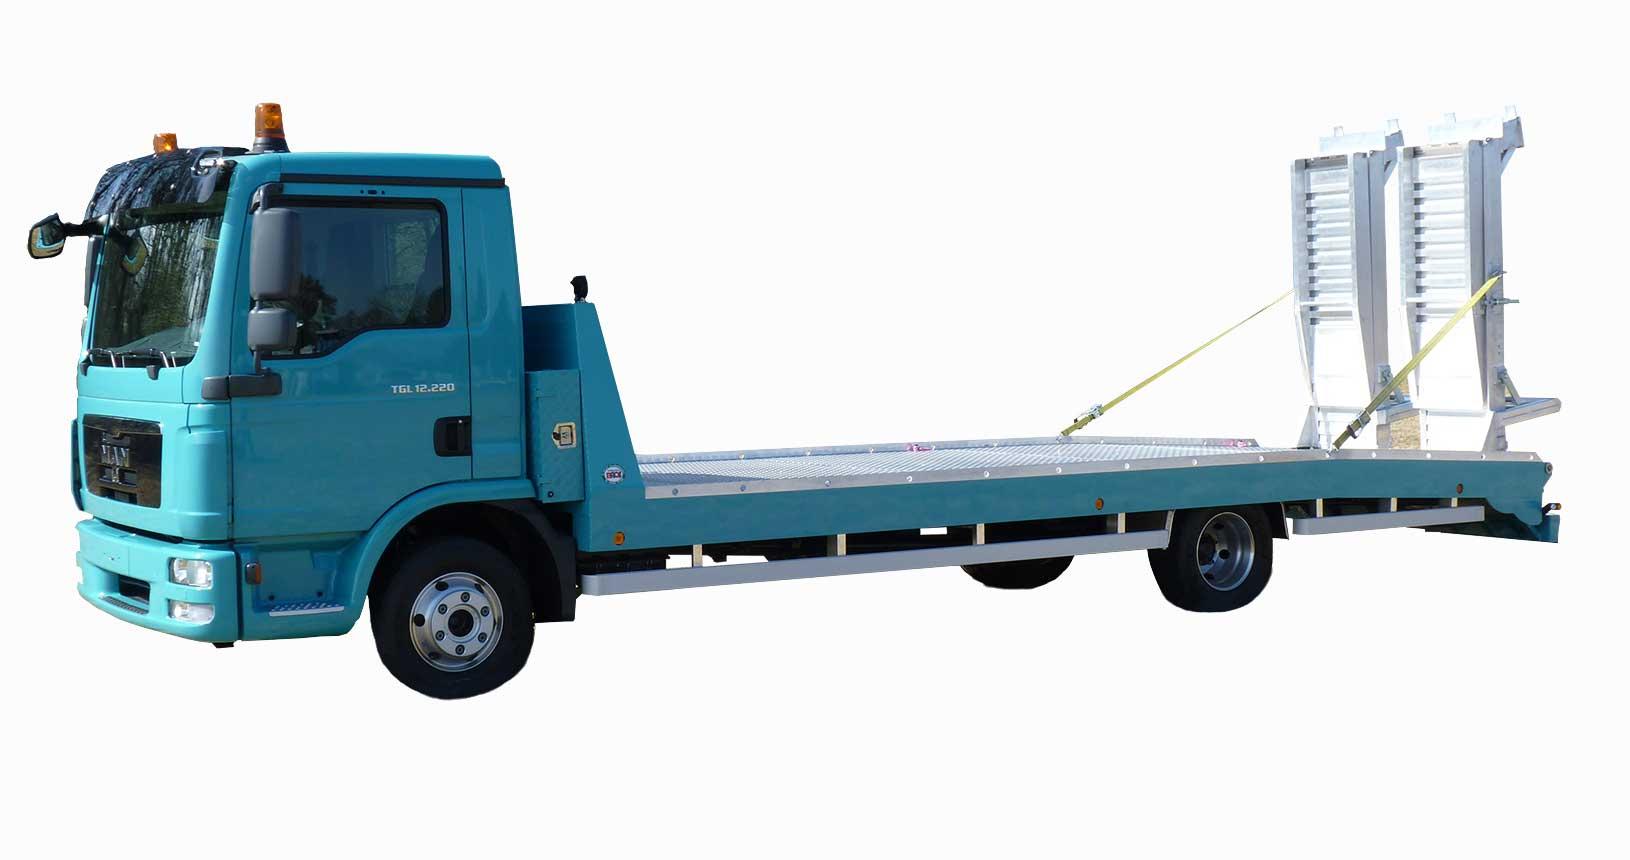 LKW Aufbau 18t Fahrgestell